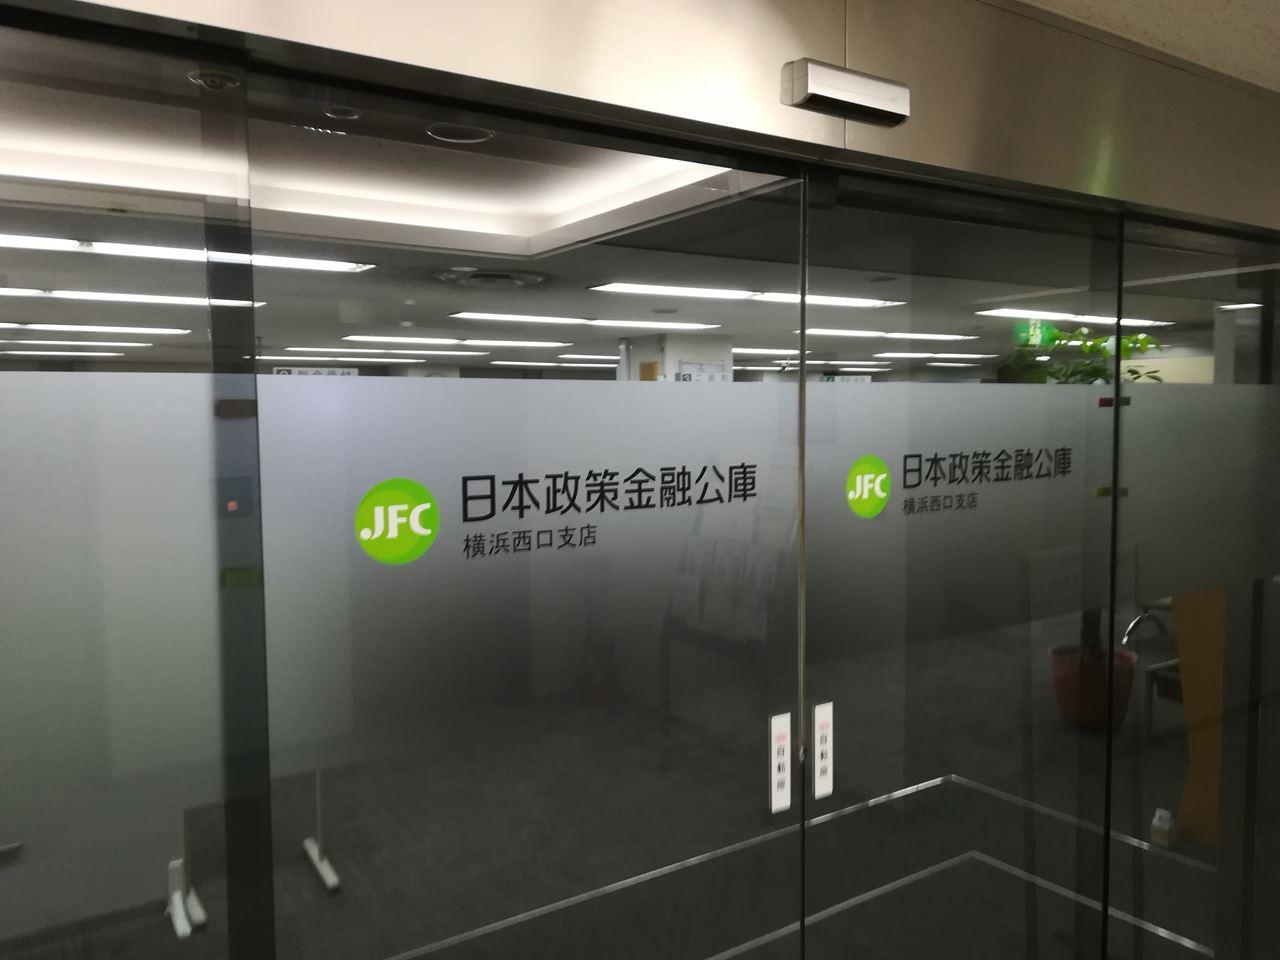 日本政策金融公庫へ経営力向上計画で金利0.9%下がるのか聞いてきた